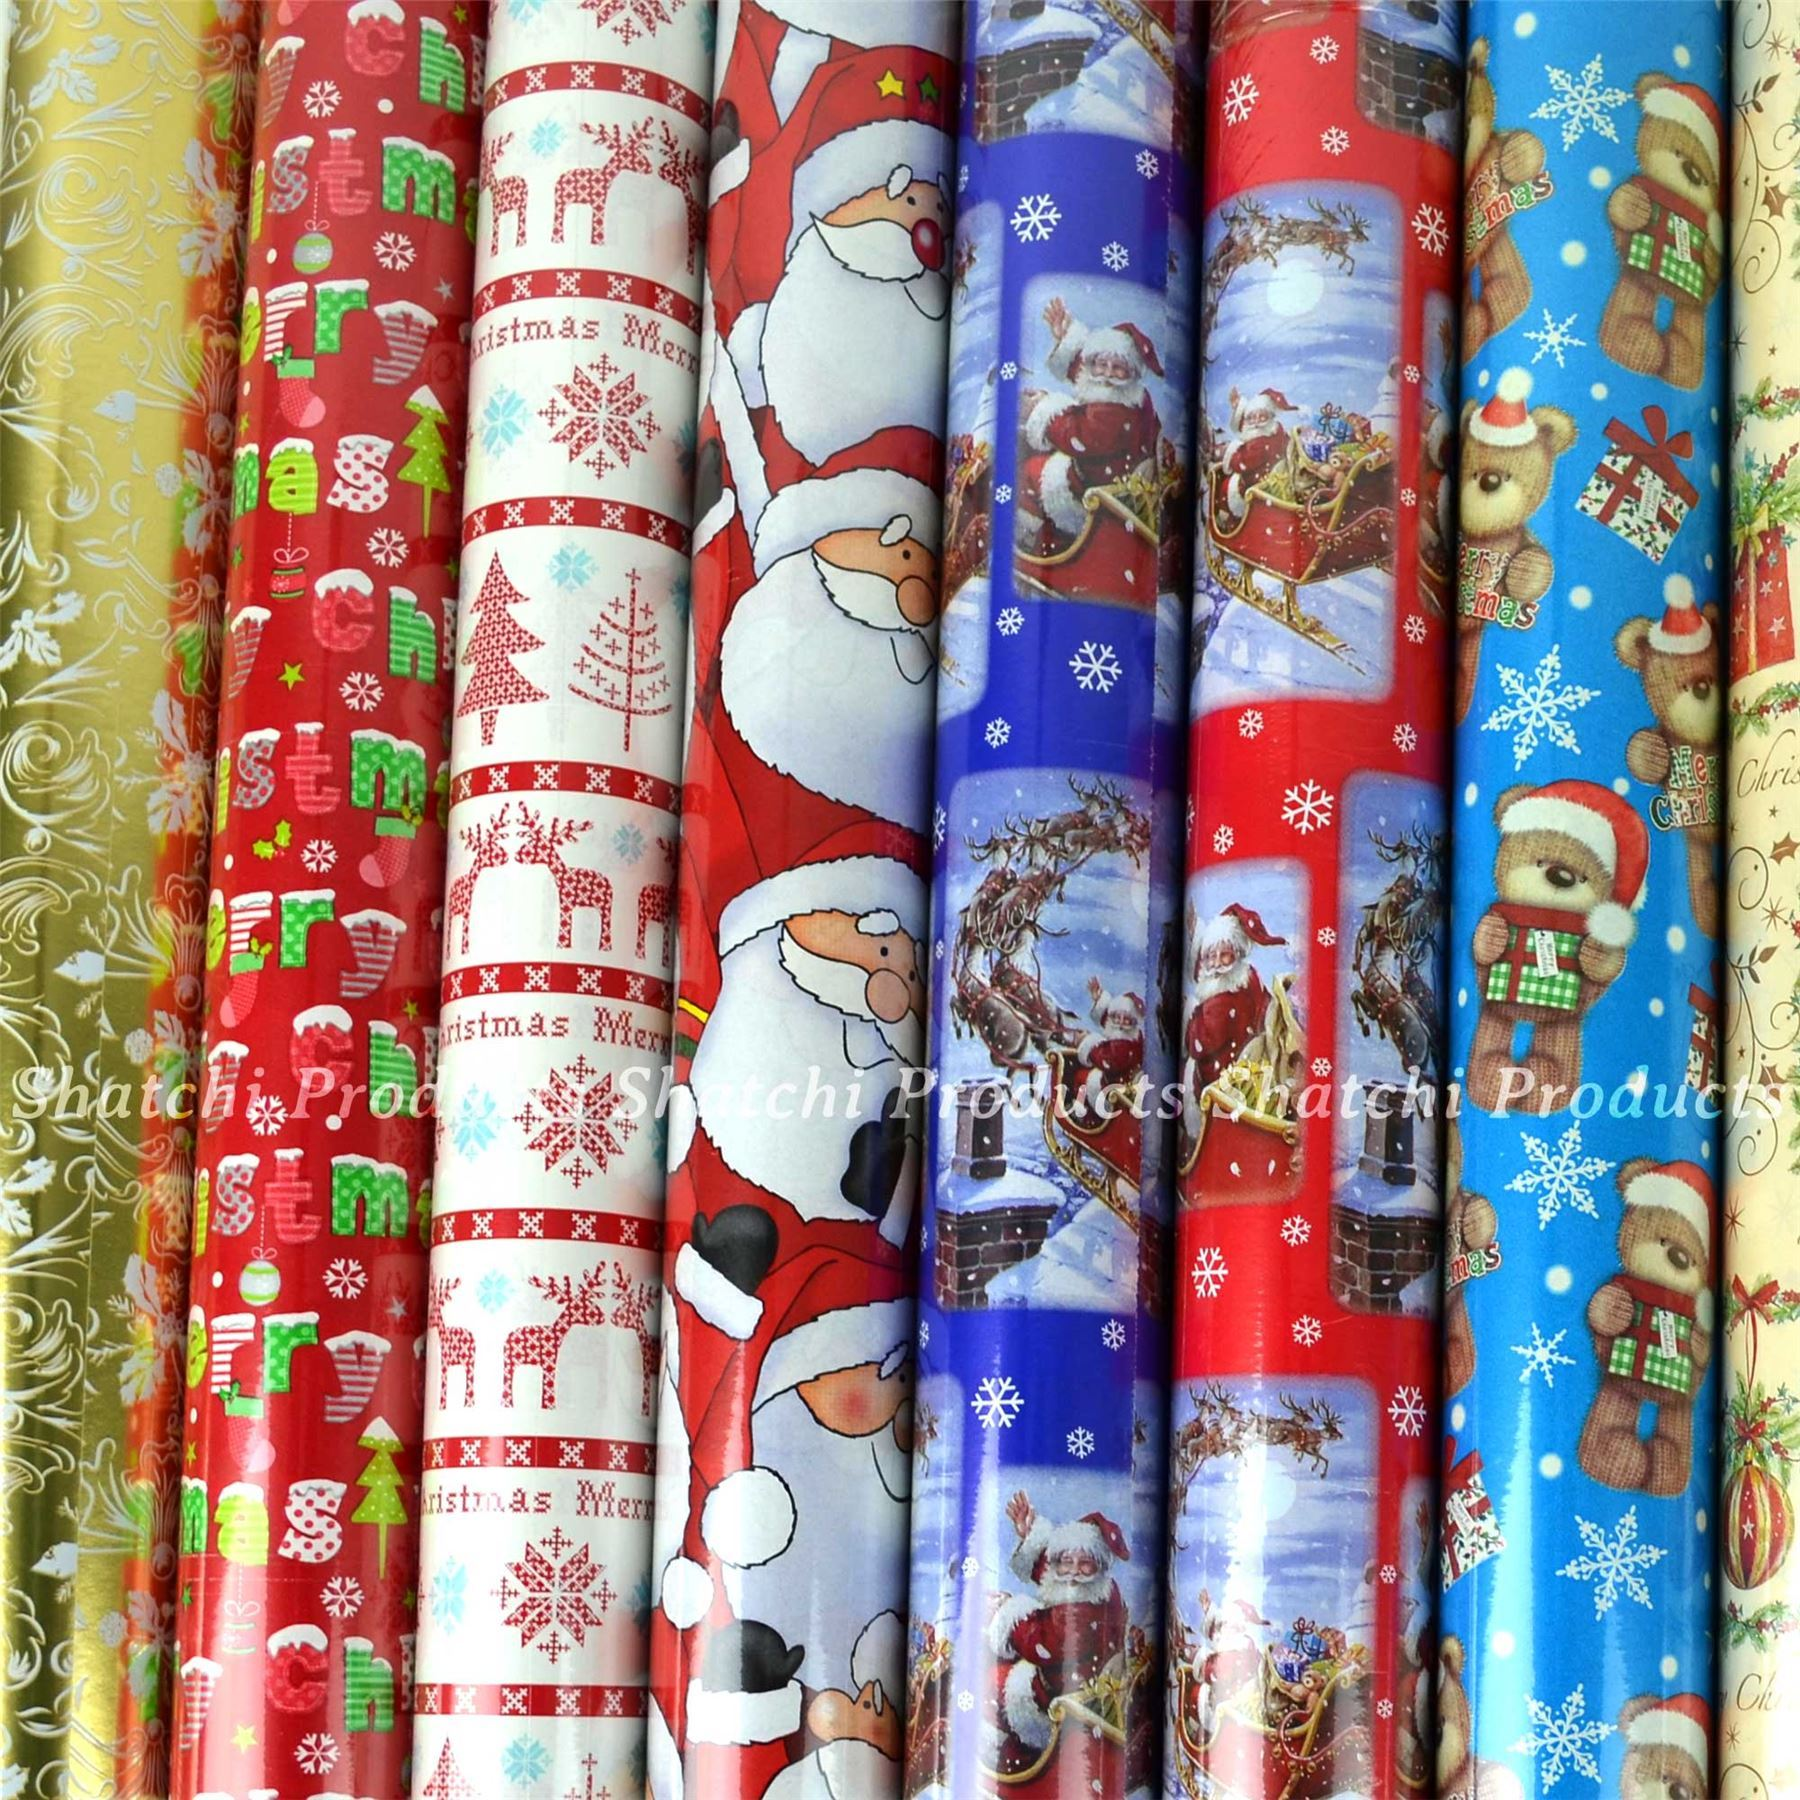 10M-Natale-Regalo-Wrap-Assortiti-ROTOLI-DI-CARTA-DA-PACCO-ROTOLO-REGALO-DI-NATALE miniatura 16